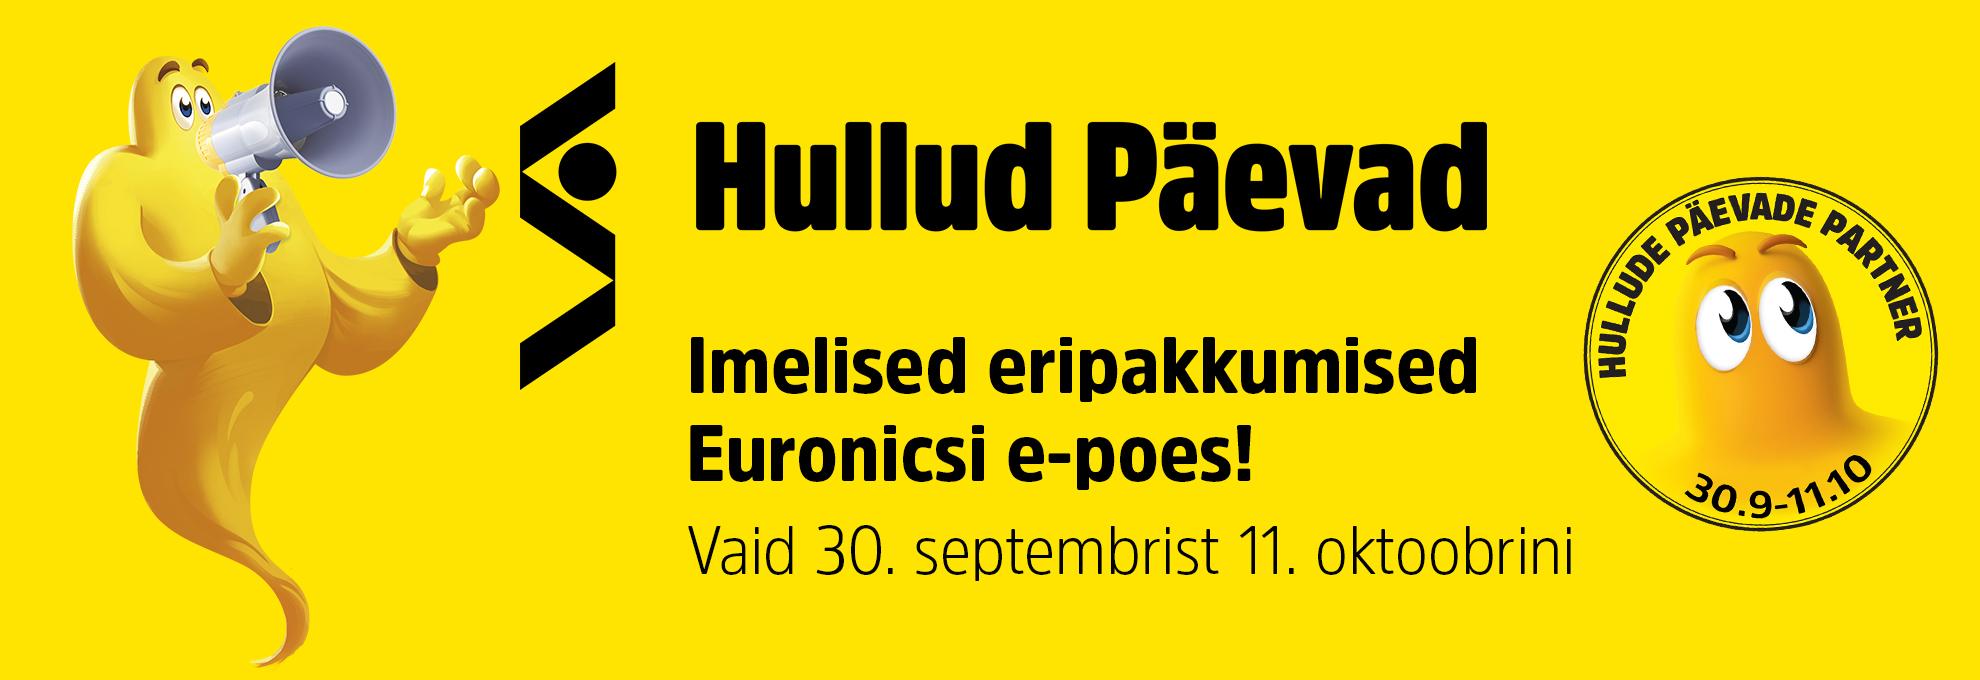 Stockmanni Hullud Päevad Euronicsi e-poes